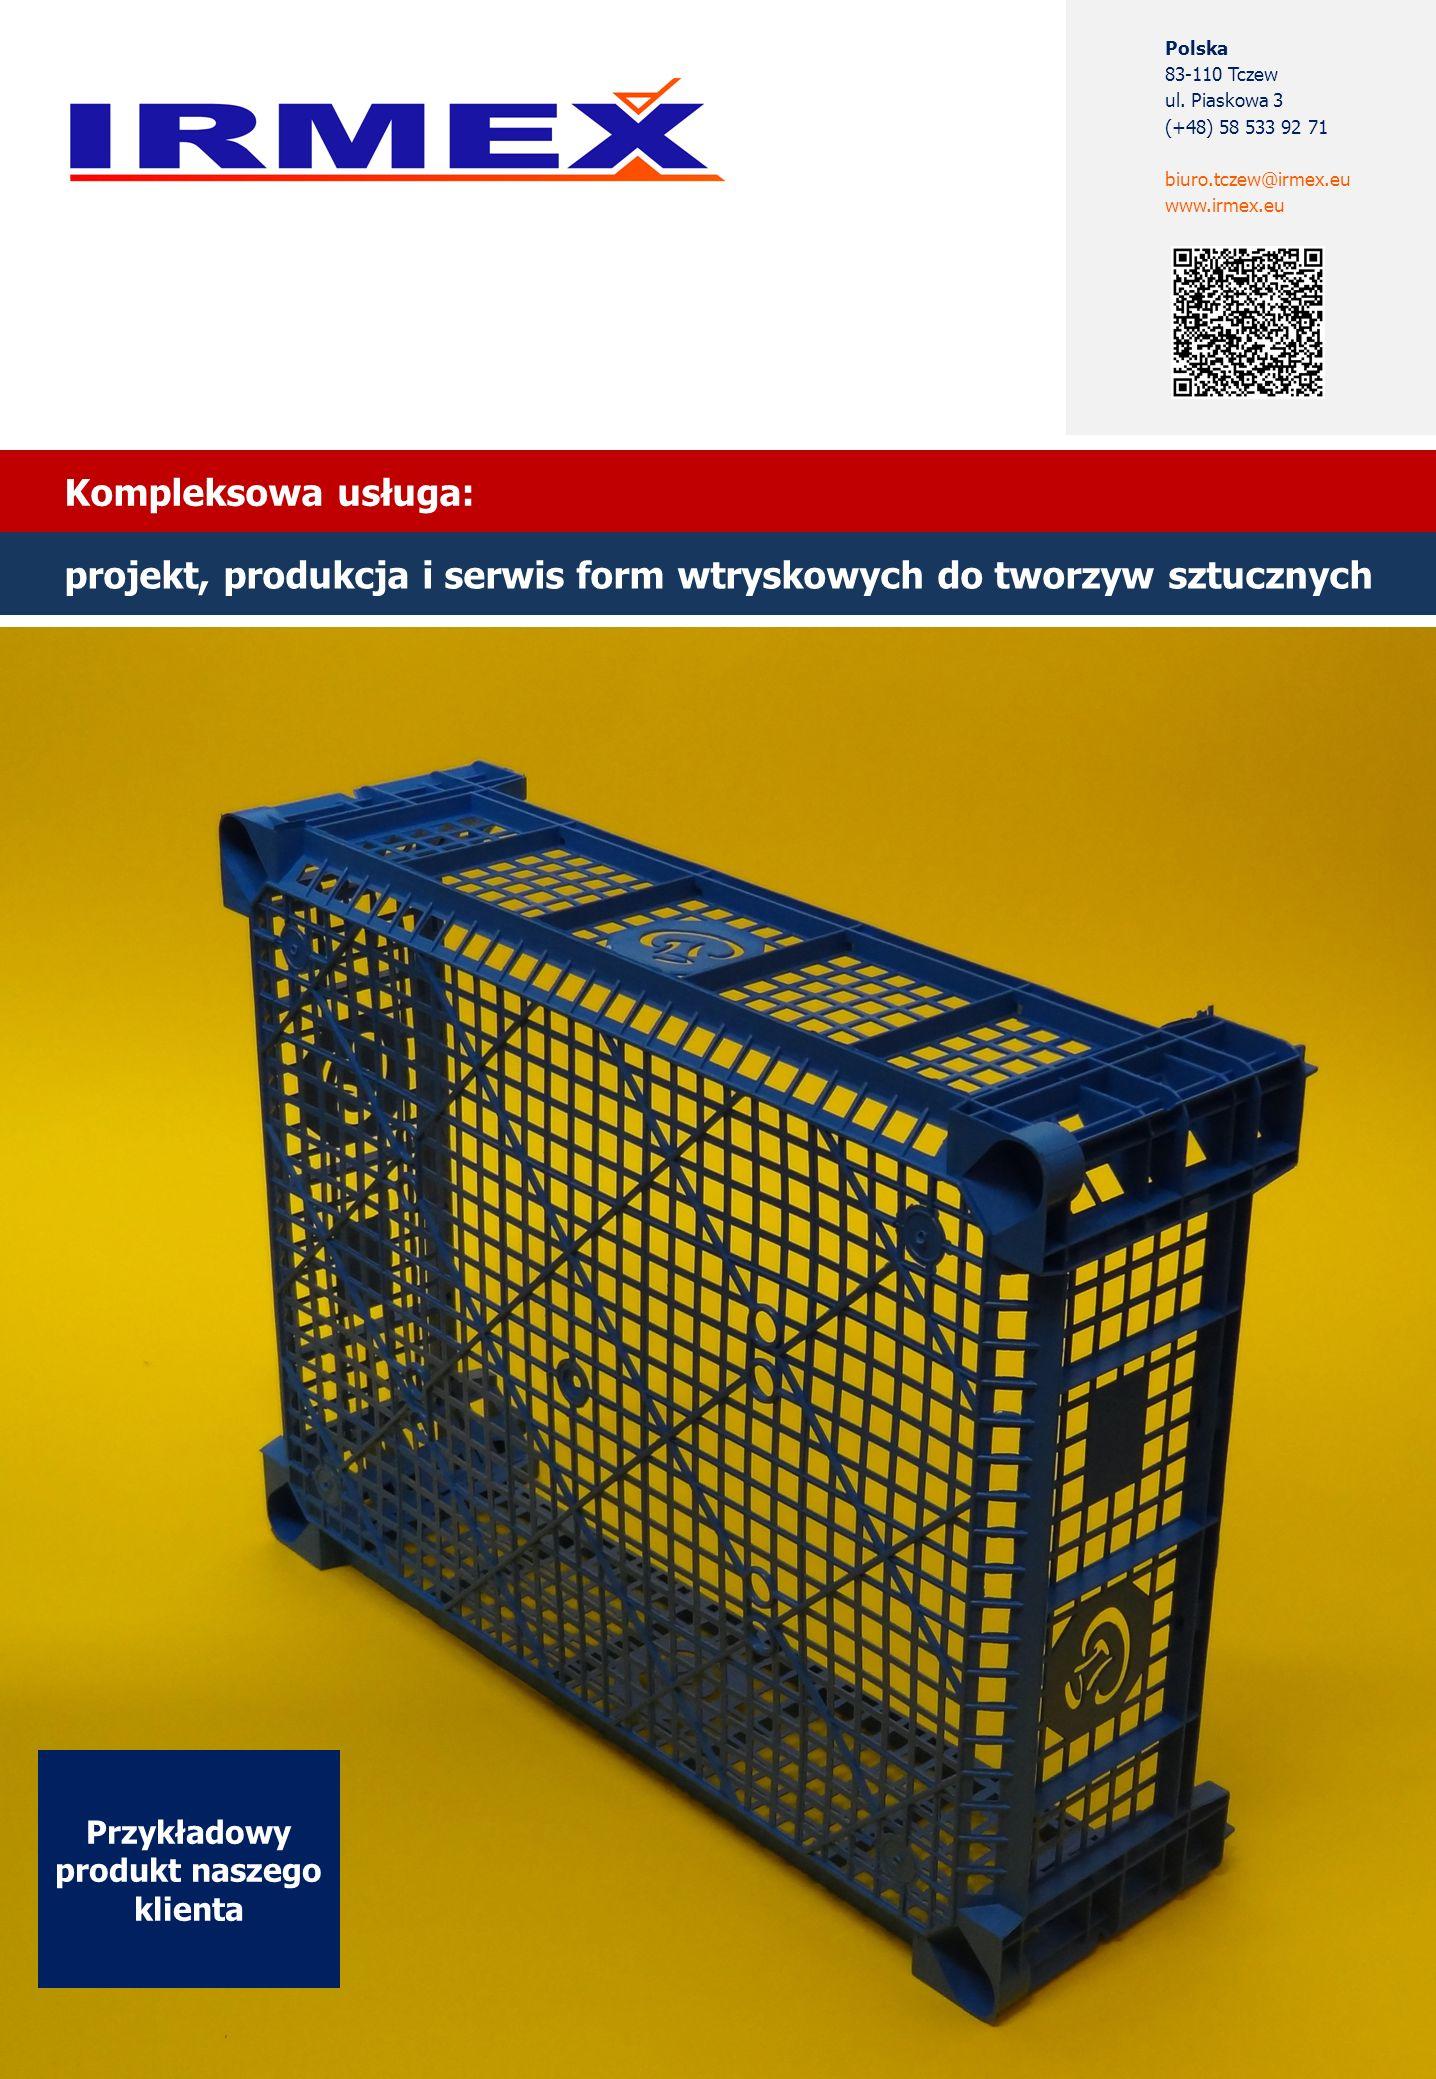 Przykładowy produkt naszego klienta Kompleksowa usługa: projekt, produkcja i serwis form wtryskowych do tworzyw sztucznych Polska 83-110 Tczew ul.